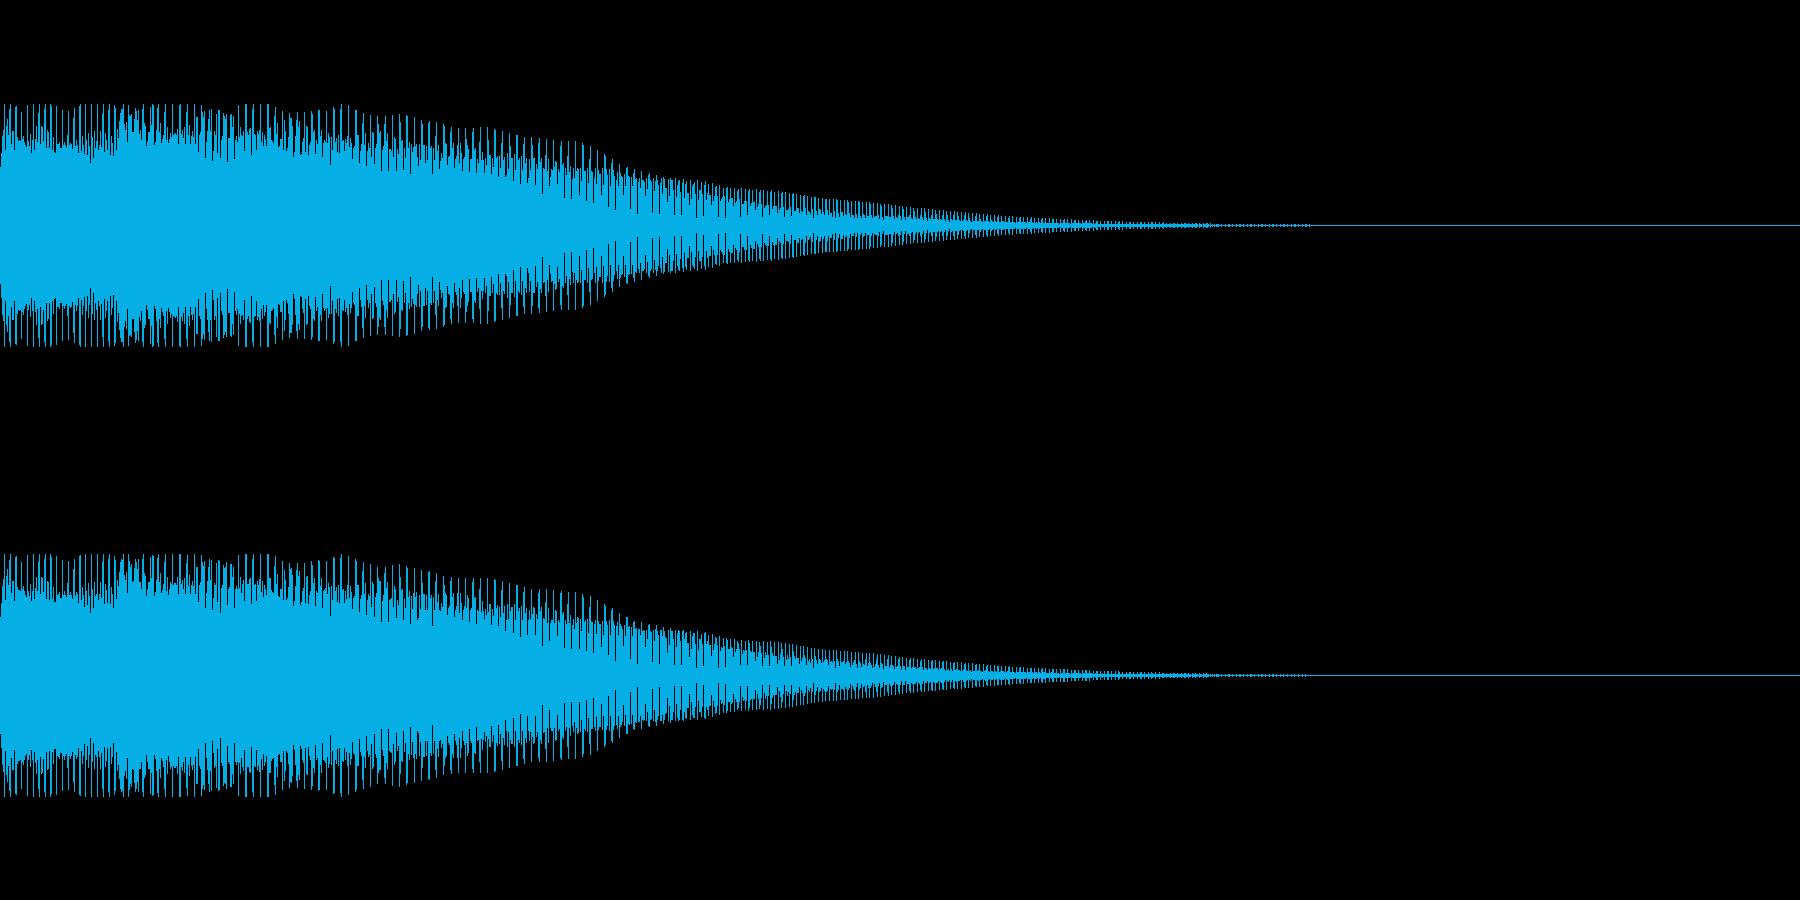 クイズ早押しボタンの音(ピンポンッ)の再生済みの波形